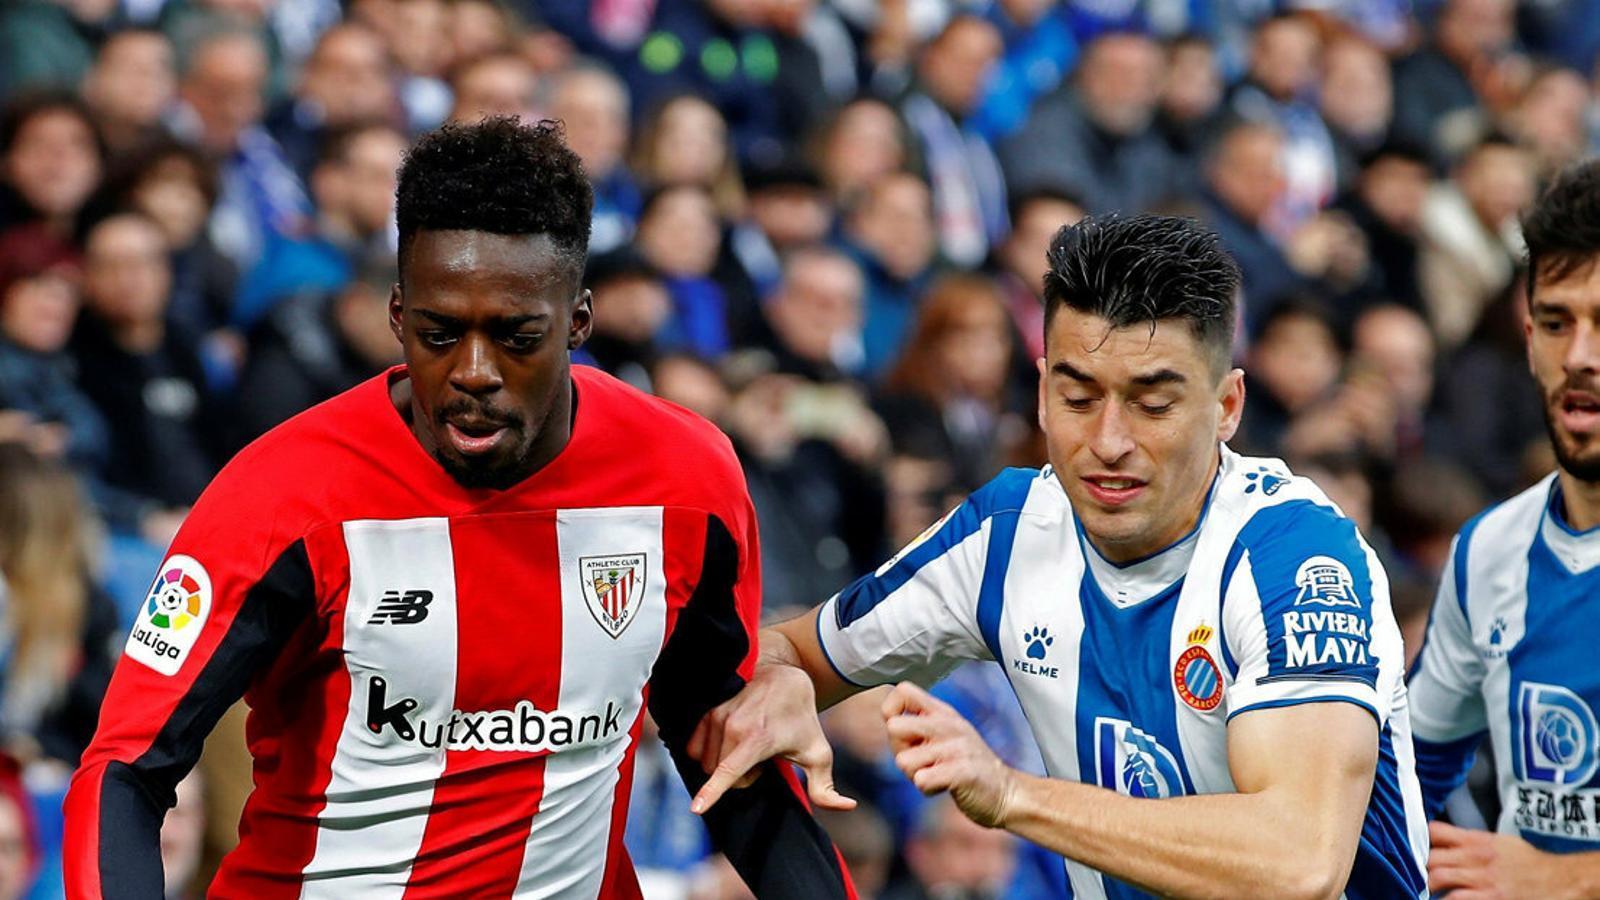 L'Espanyol investiga insults racistes a Williams